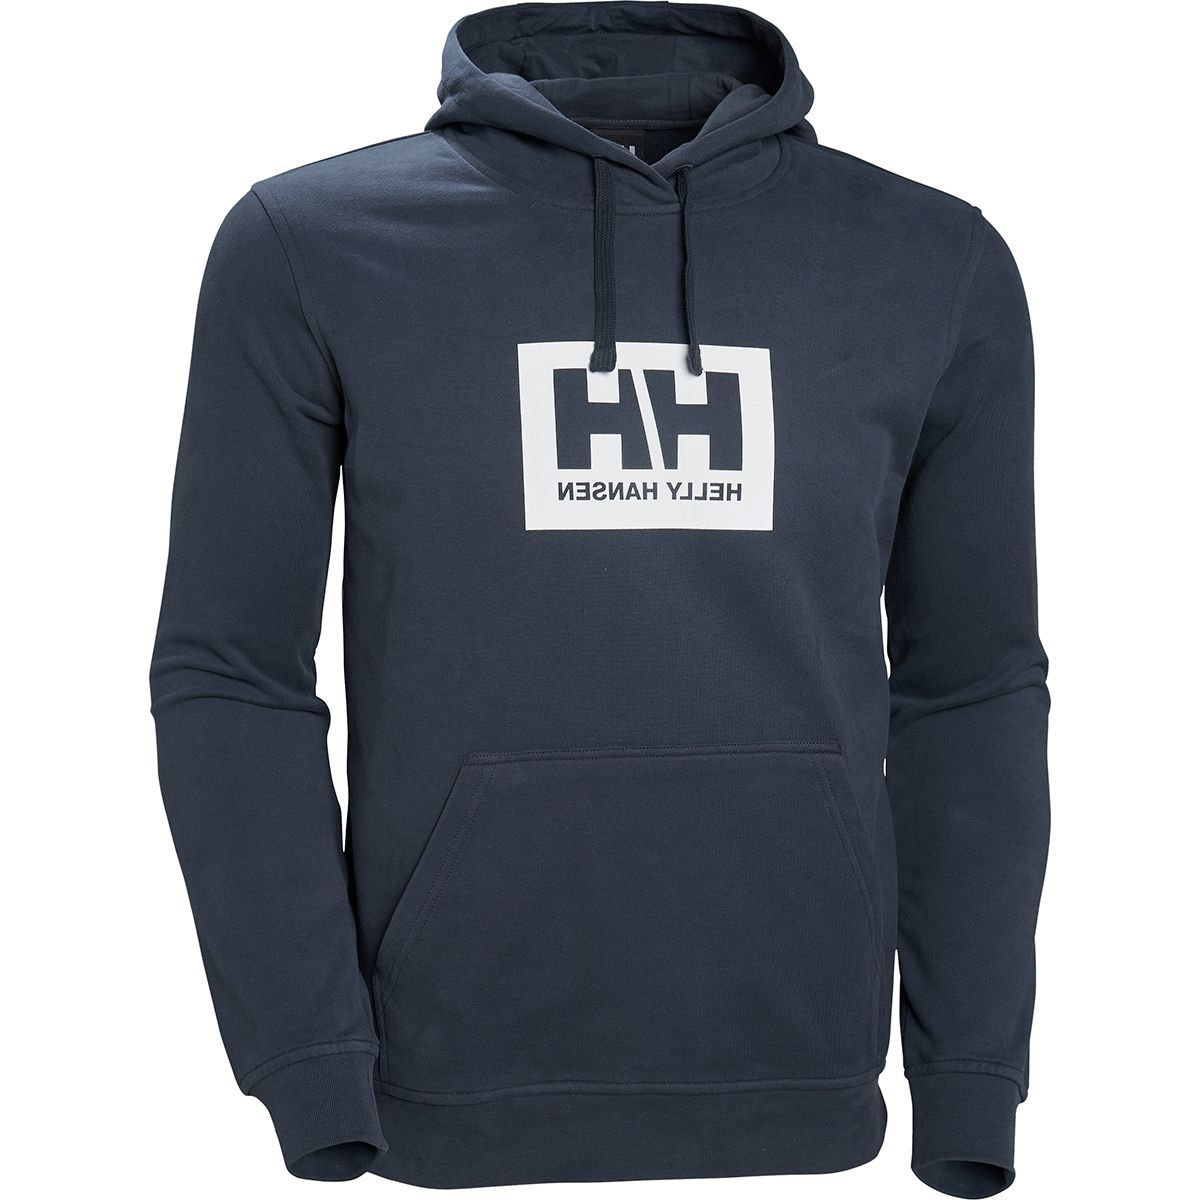 Helly Hansen Tokyo Hoodie - Men's